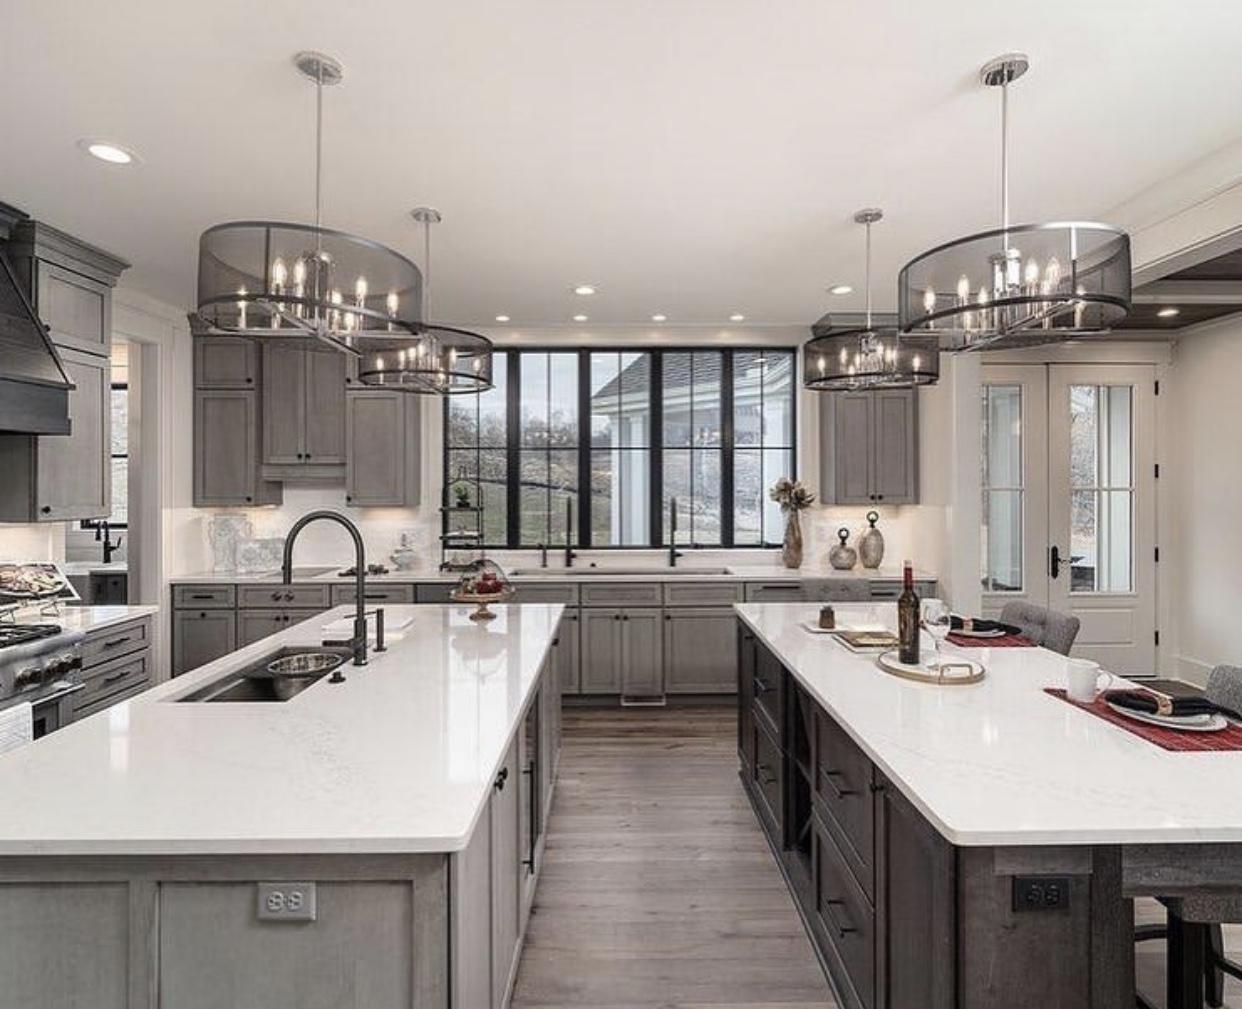 انتخاب کابینت تک یا دو رنگ,راهنمای انتخاب کابینت آشپزخانه,طراحی کابینت,